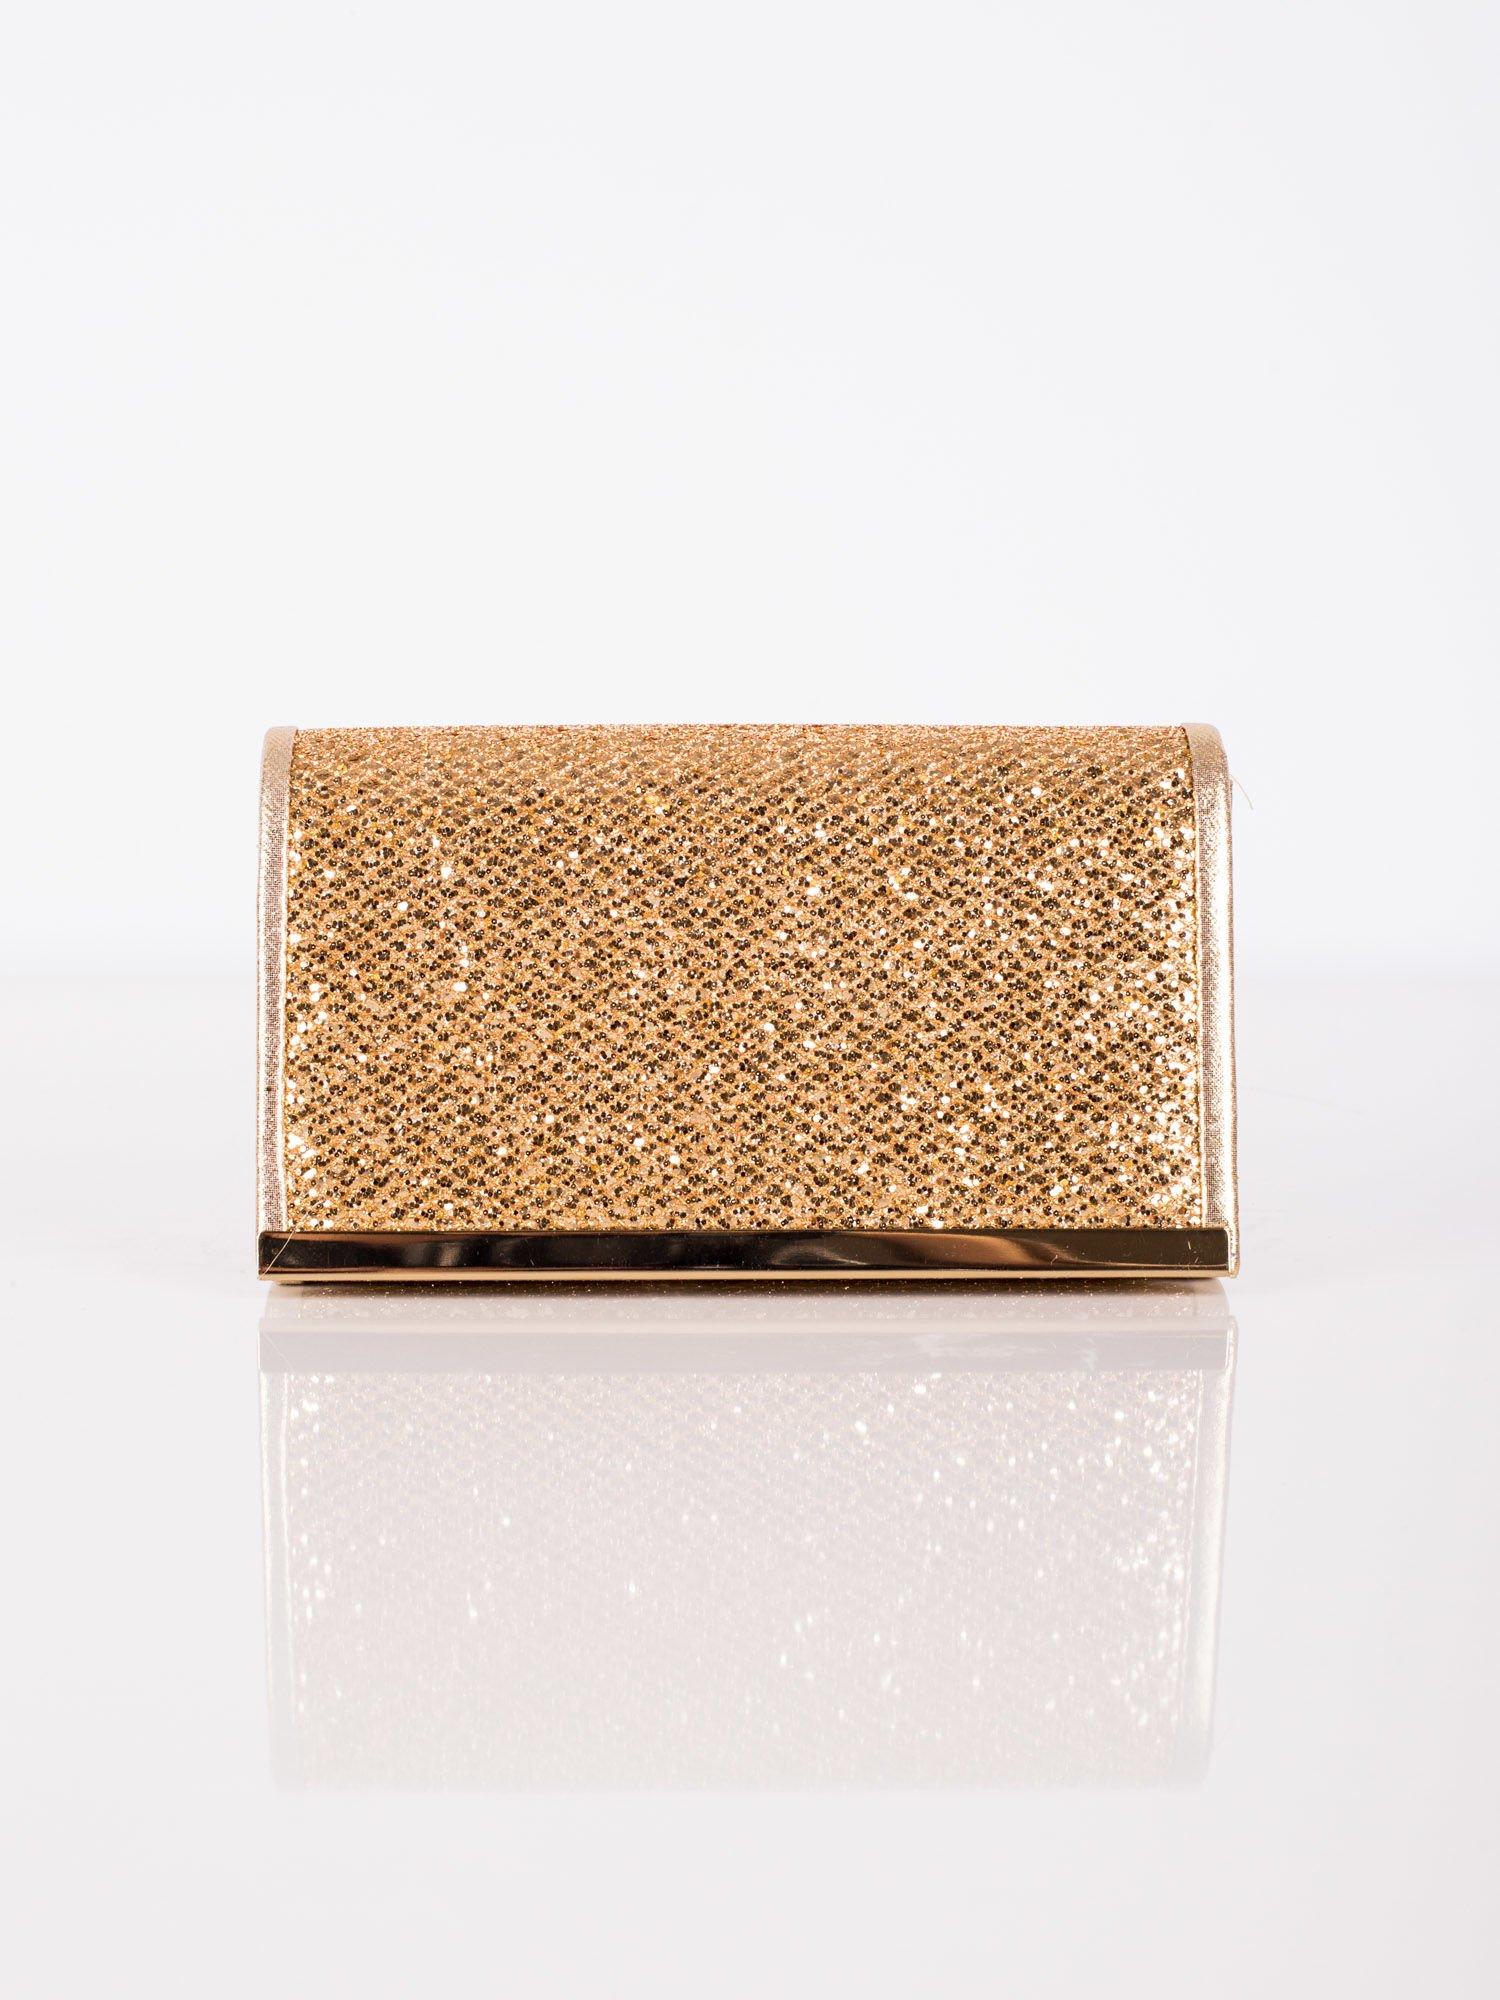 d3738c27790f7 Błyszcząca kopertówka z ozdobną listwą złota - Akcesoria torba - sklep  eButik.pl